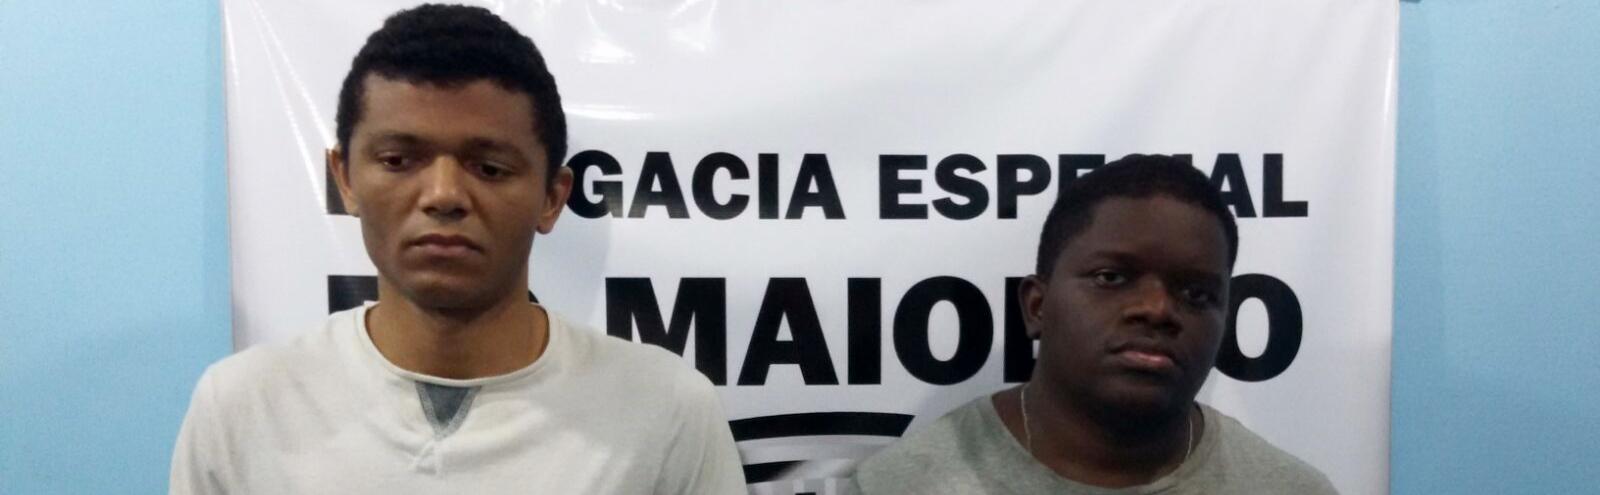 Polícia Civil prende suspeitos de crimes sexuais no Maiobão